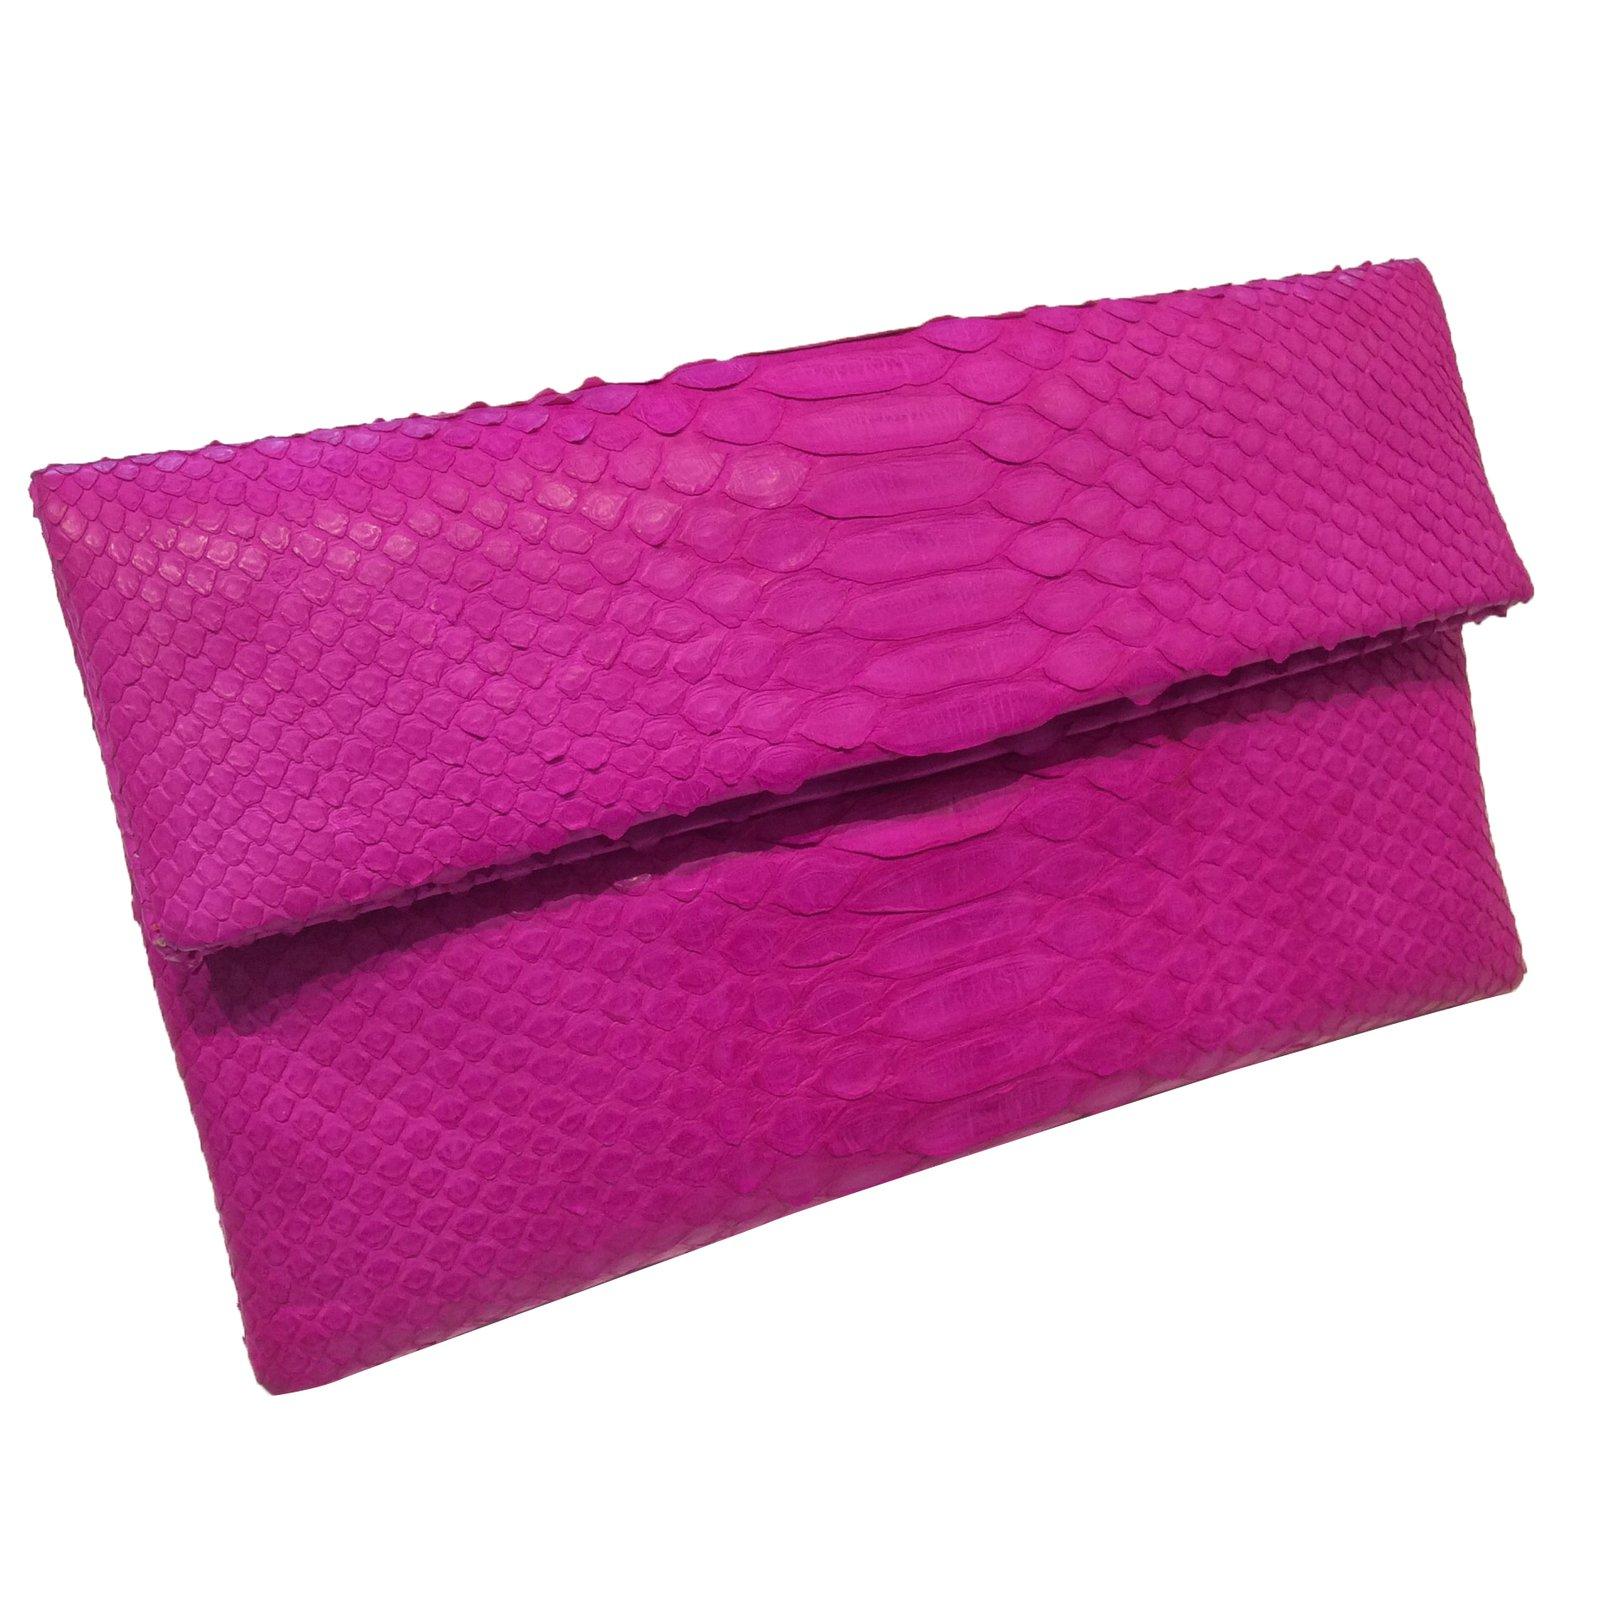 pochettes autre marque pochette en python rose cuirs exotiques rose joli closet. Black Bedroom Furniture Sets. Home Design Ideas